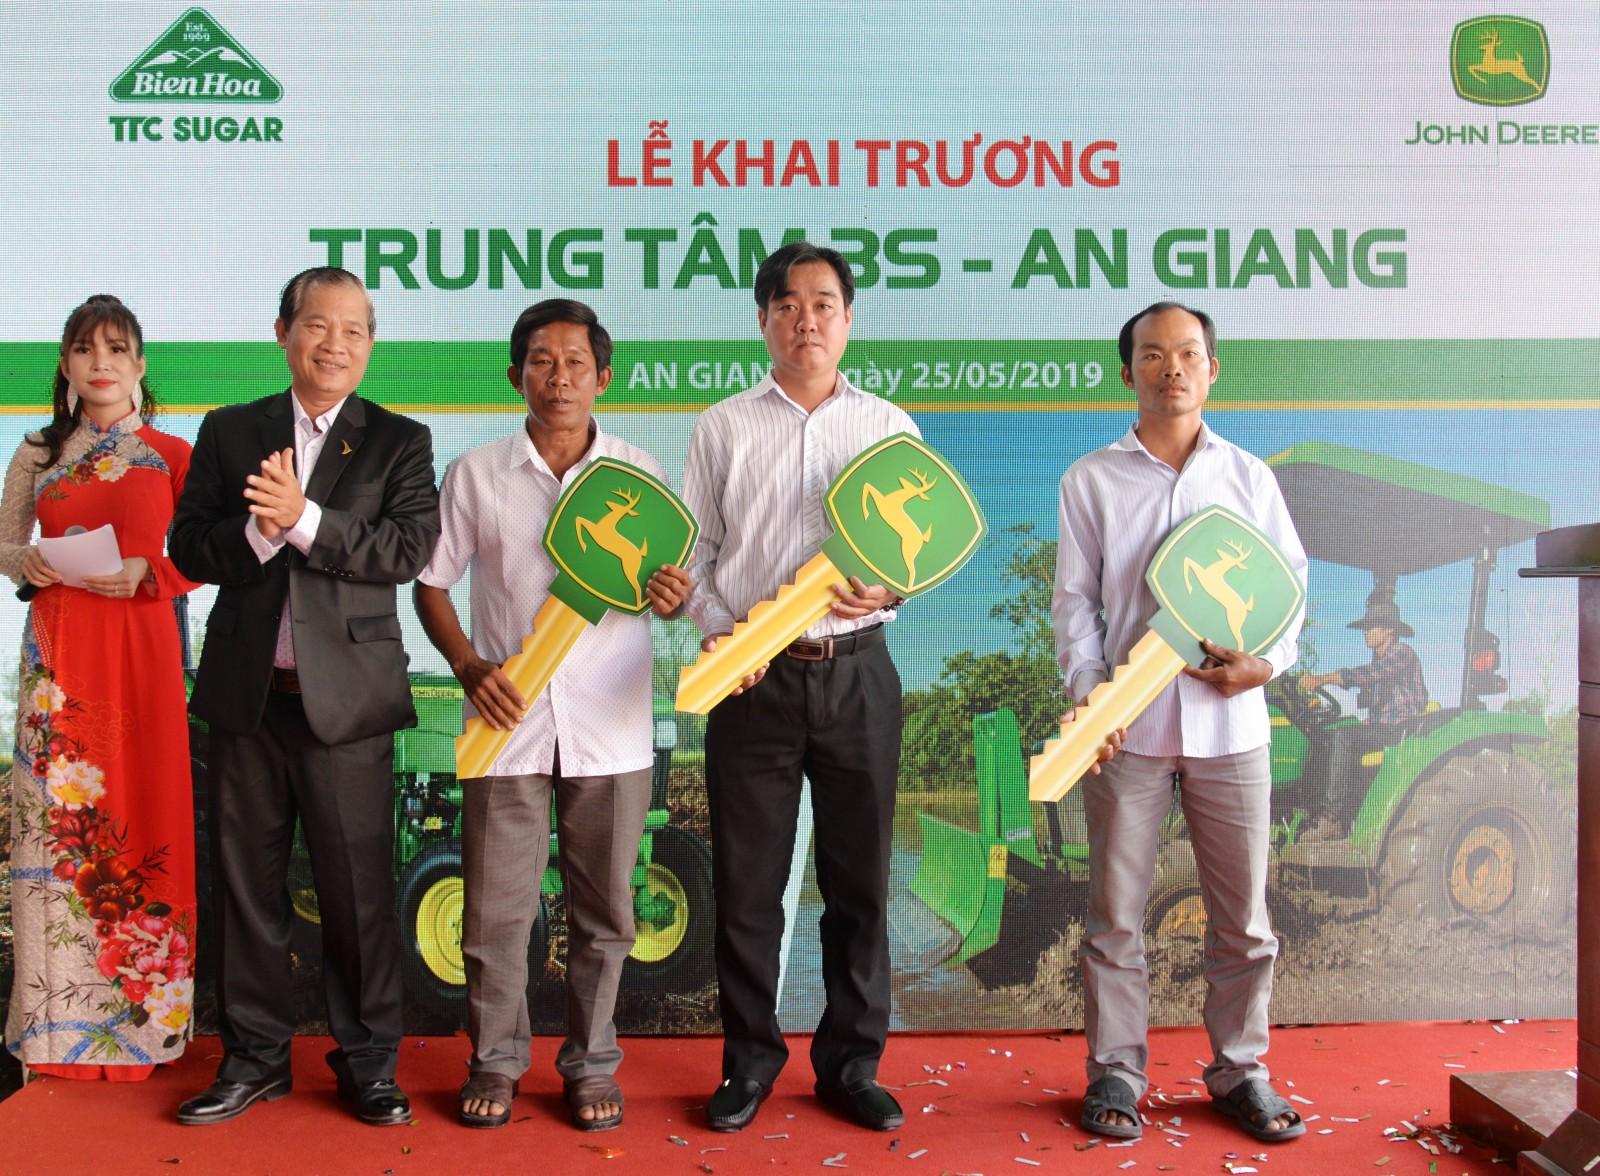 Giám đốc phát triển Công ty Cổ phần Thành Thành Công – Biên Hòa Nguyễn Bá Chủ trao chìa khóa đến tay các khách hàng mua máy đầu tiên của Trung tâm 3S - An Giang